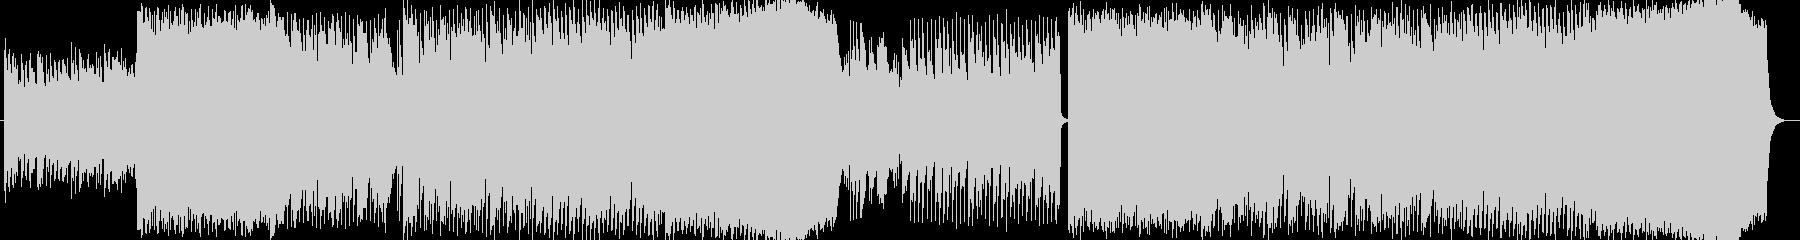 ナレーションのバックBGMや、ブランド…の未再生の波形